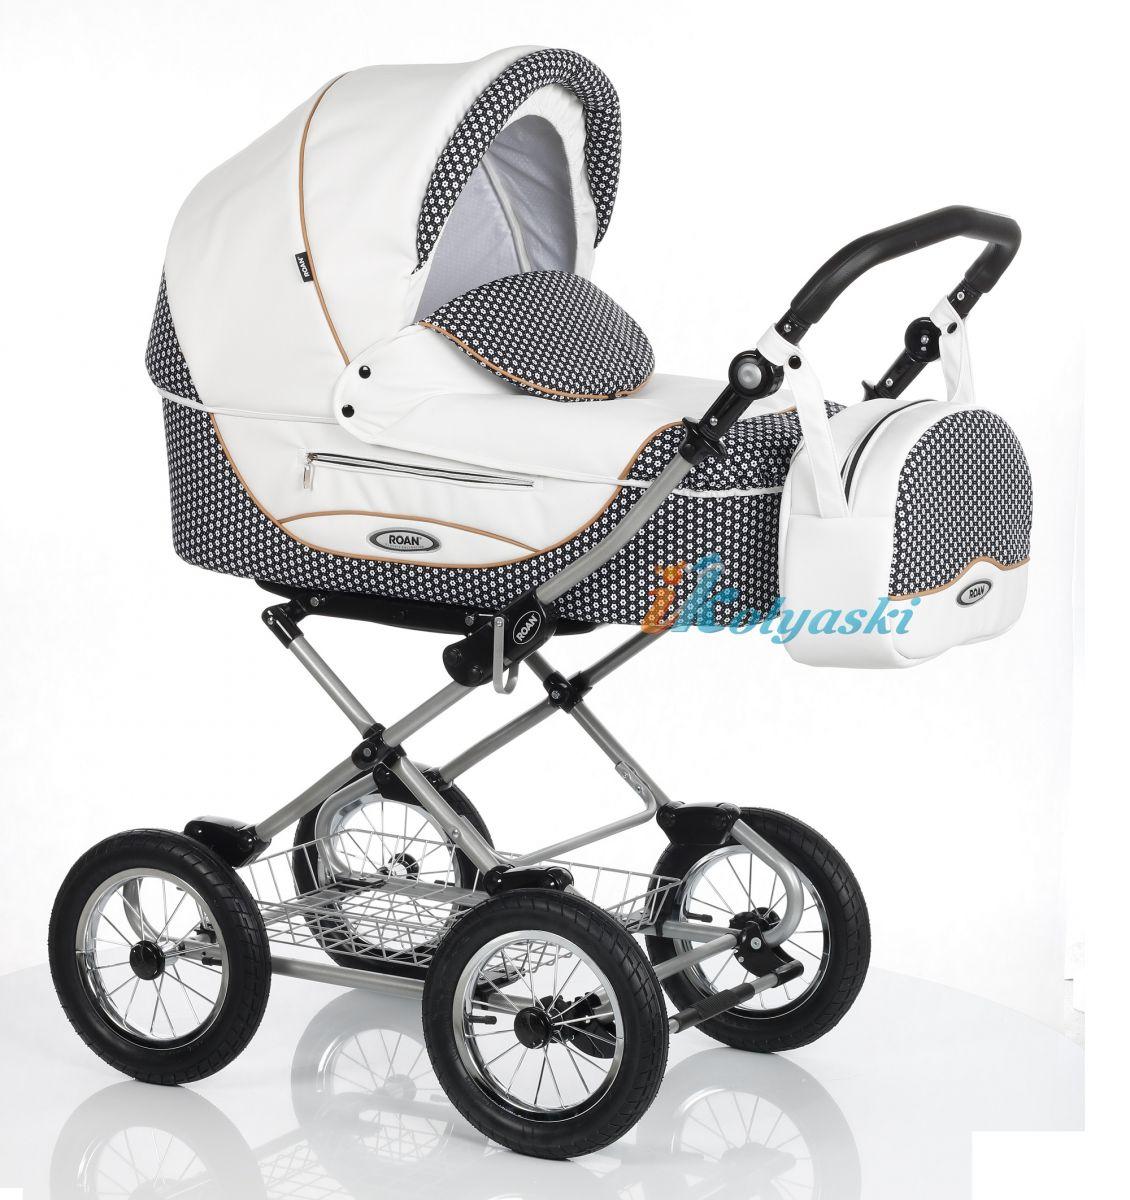 Детская коляска Roan Kortina Luxe Роан Кортина люкс 2018 спальная люлька 3 в 1 , коляска для новорожденных, коляска зима-лето.  roan kortina, roan cortina, Детская коляска Roan Kortina Luxe, коляска Роан Кортина люкс 2018, коляска спальная, коляска  люлька, коляска 3 в 1, коляска для новорожденных, роан кортина, коляска роан кортина, коляска roan cortina, цвет K-30